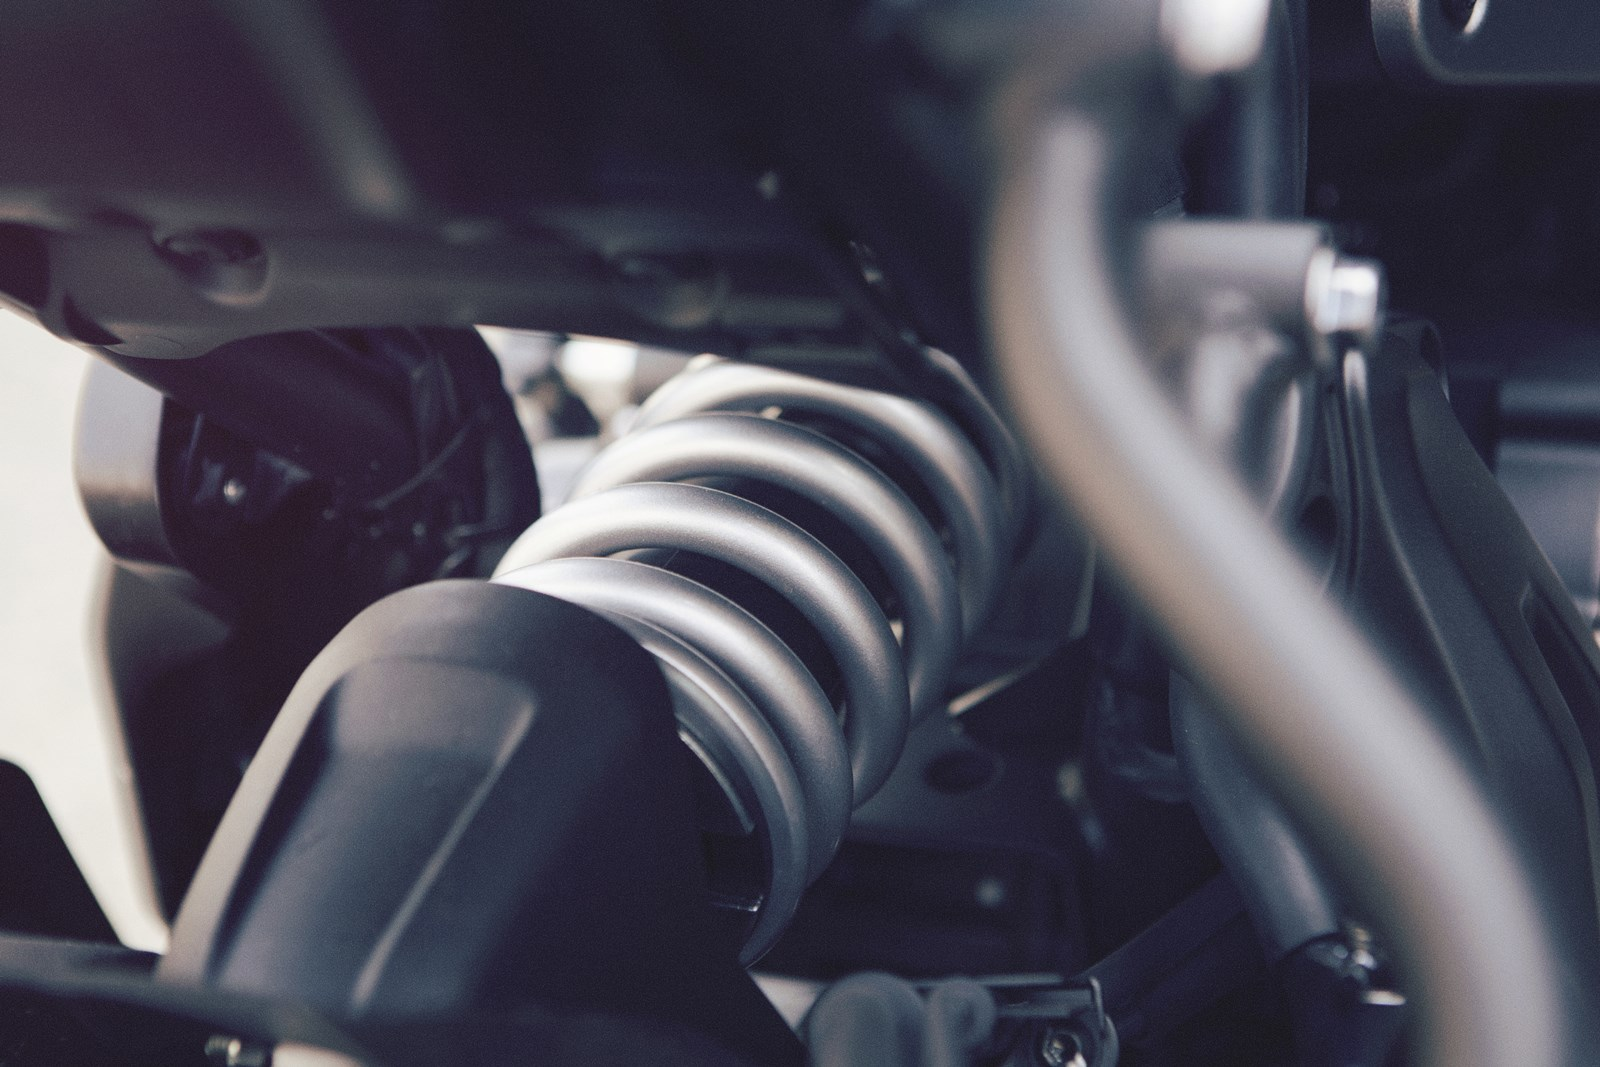 Foto de Yamaha XSR700 en acción y detalles (30/41)